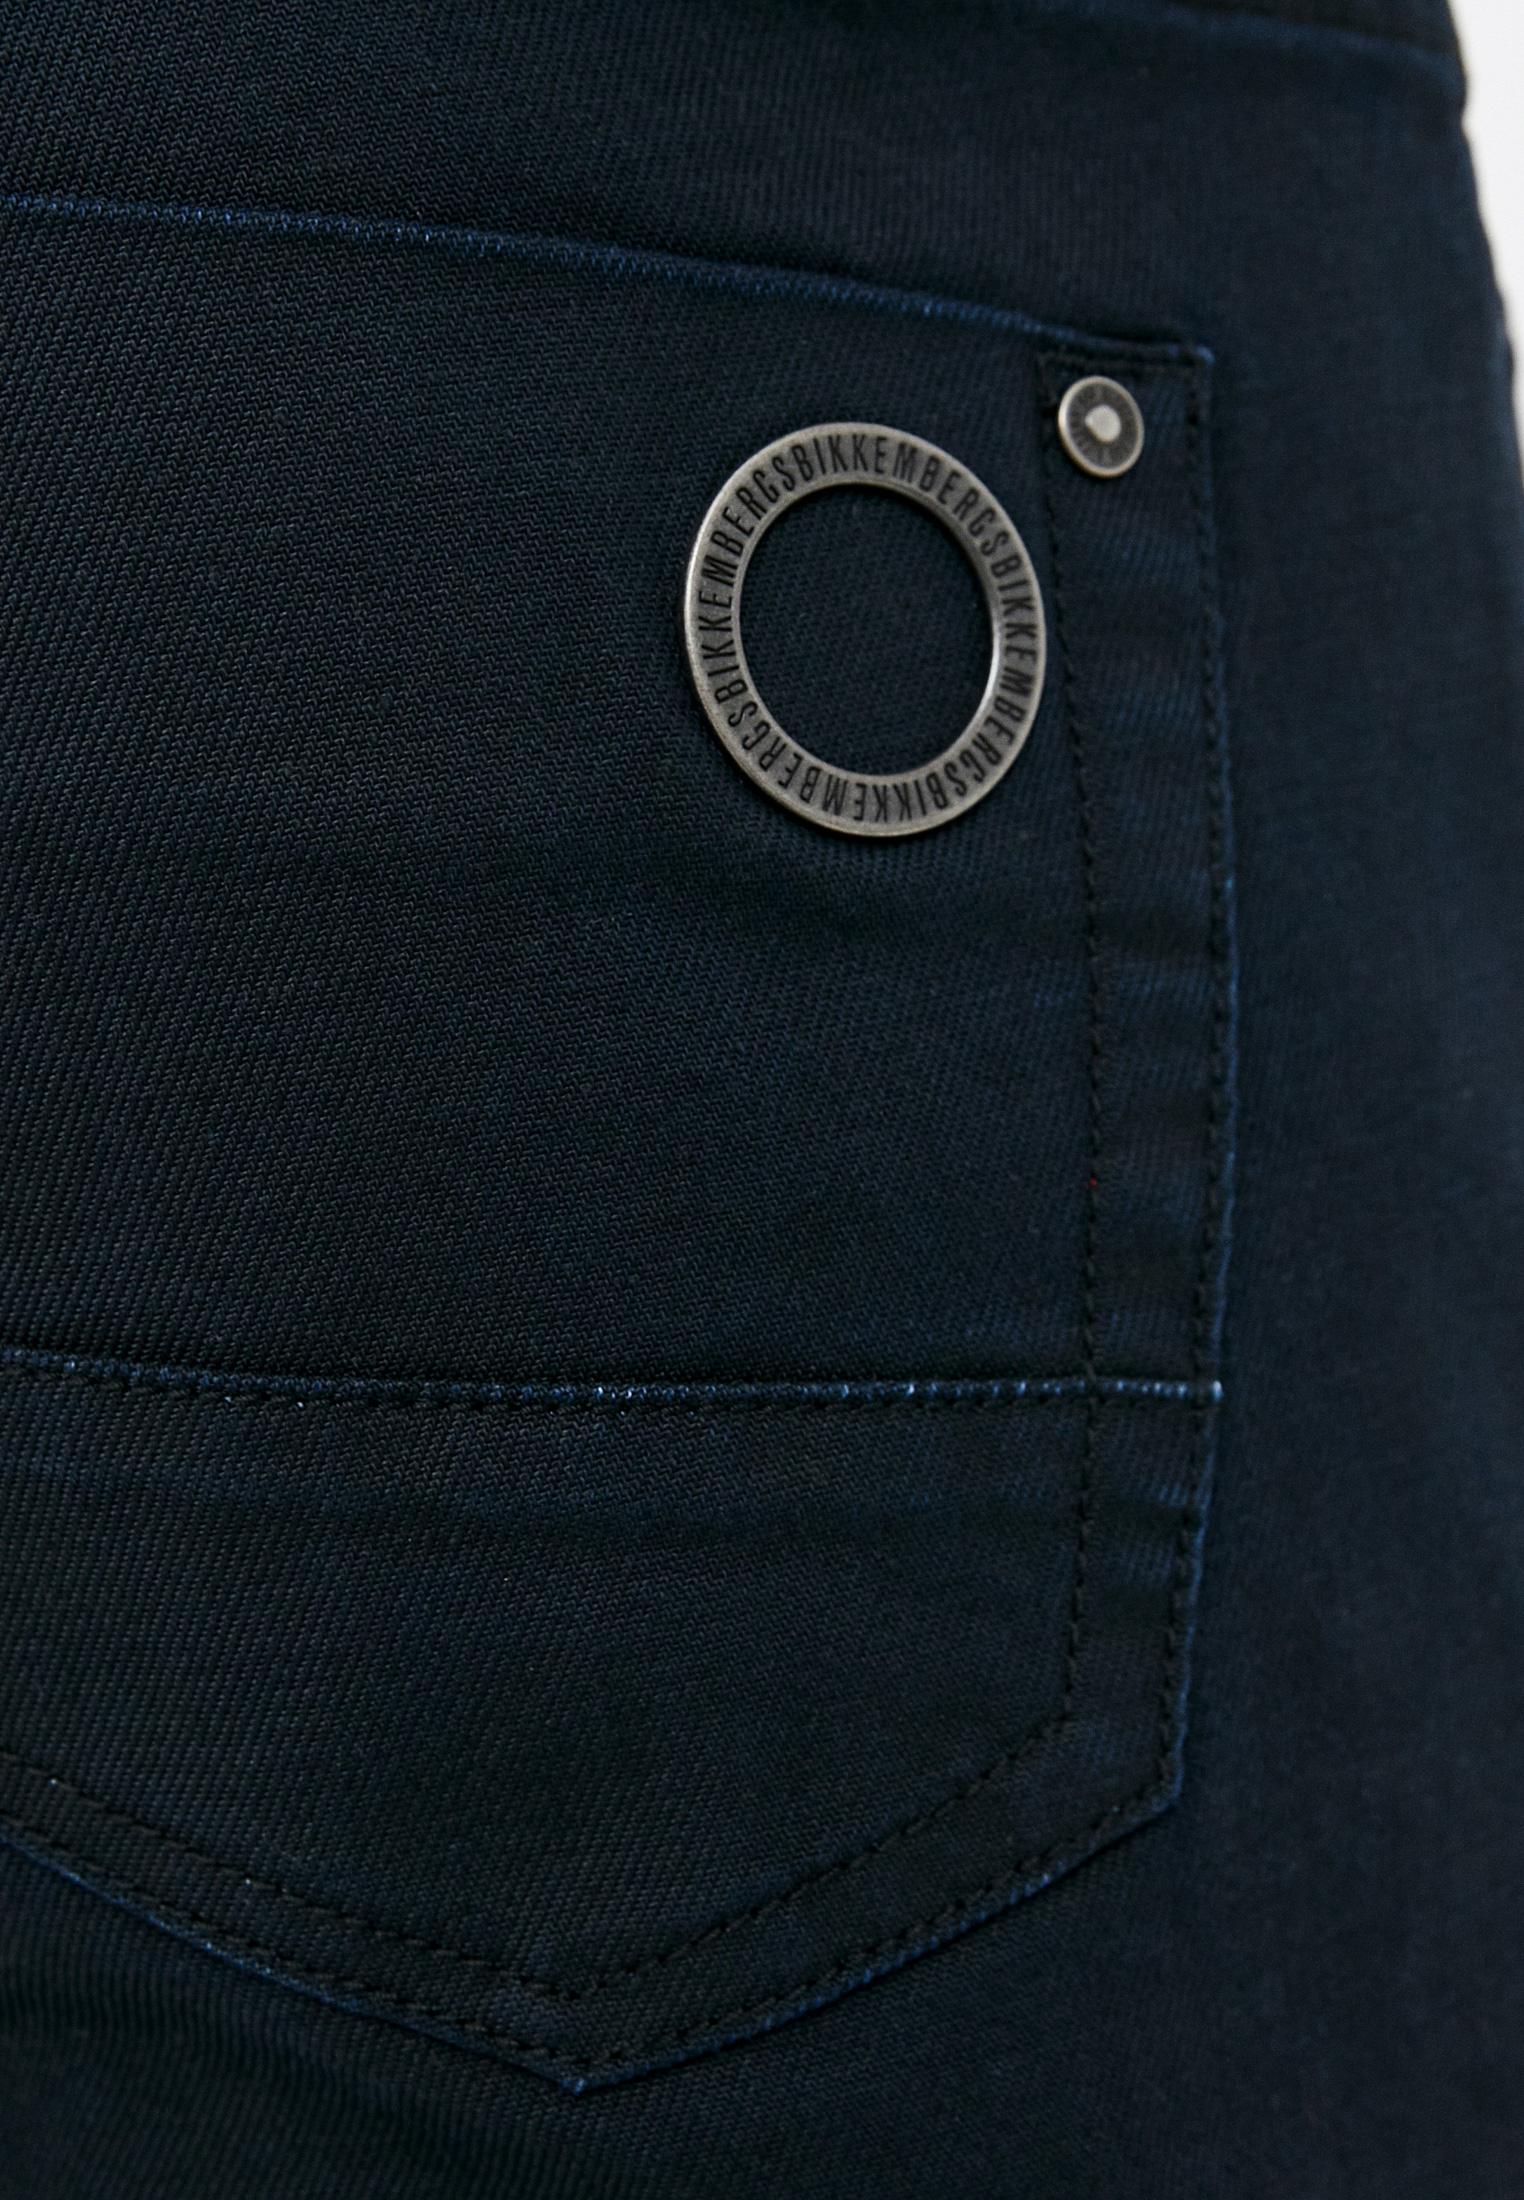 Мужские зауженные джинсы Bikkembergs (Биккембергс) C Q 101 18 S 3147: изображение 5